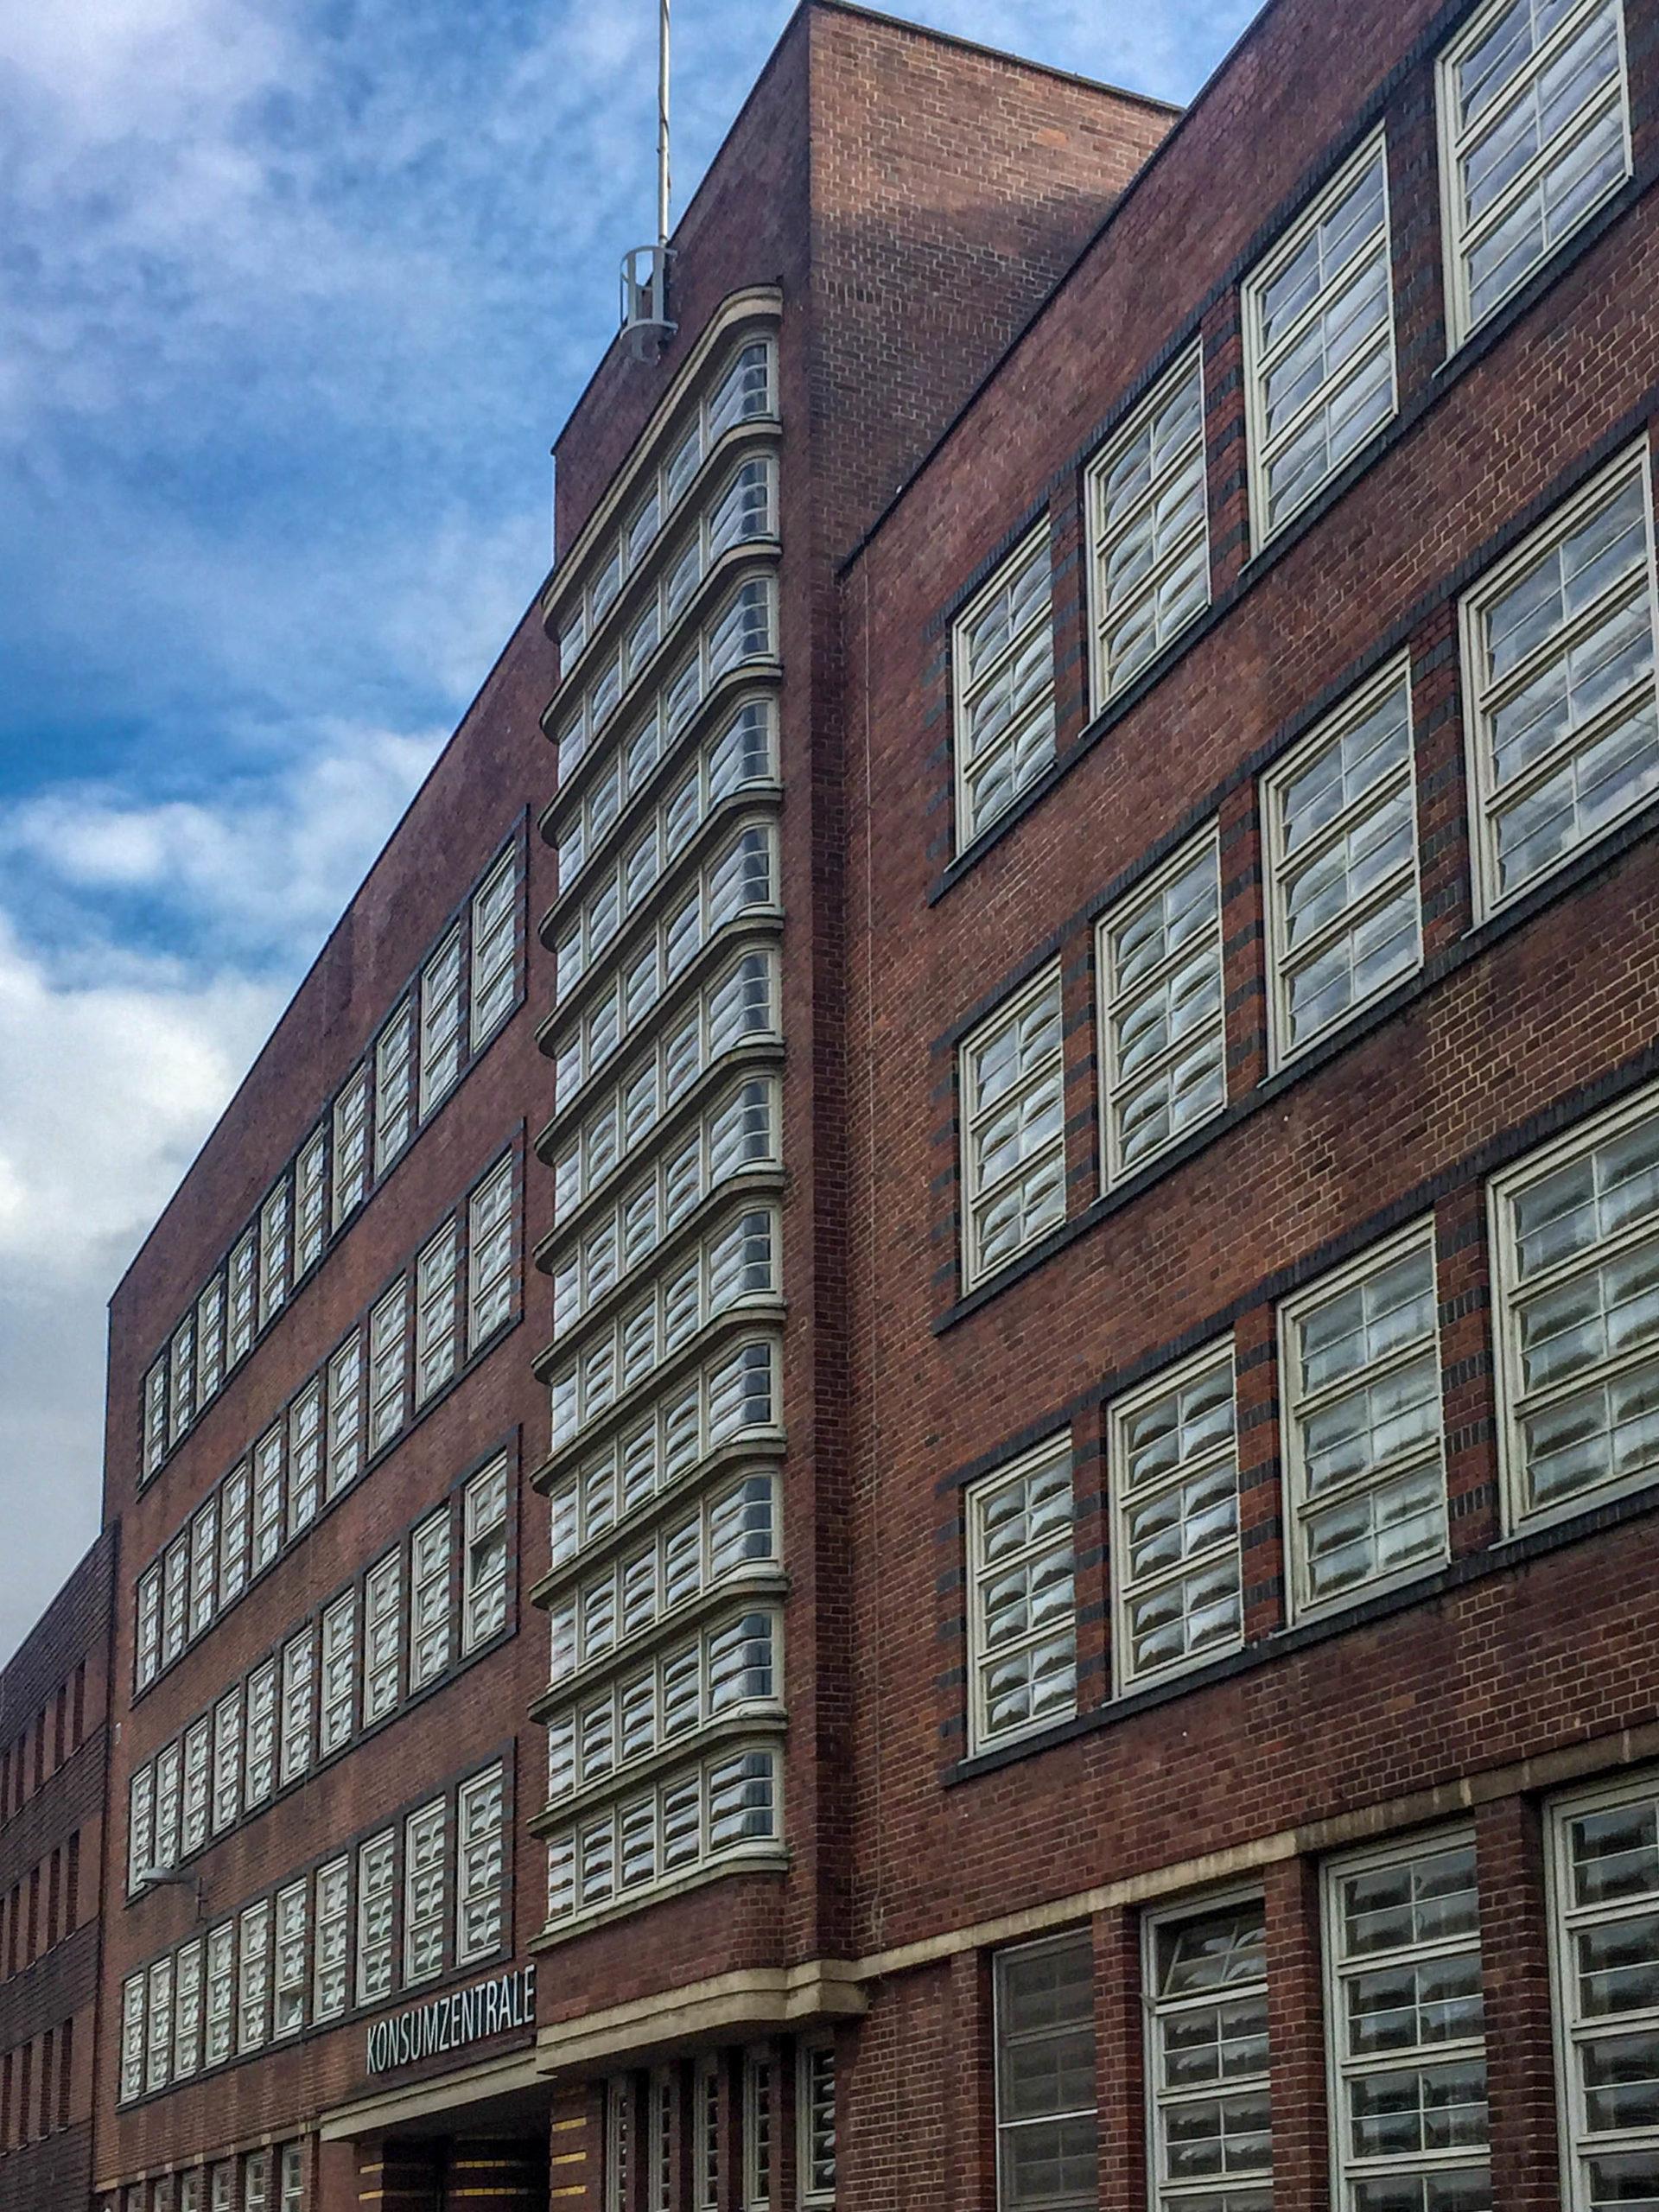 Konsumzentrale, 1929-1932. Architekt: Fritz Höger